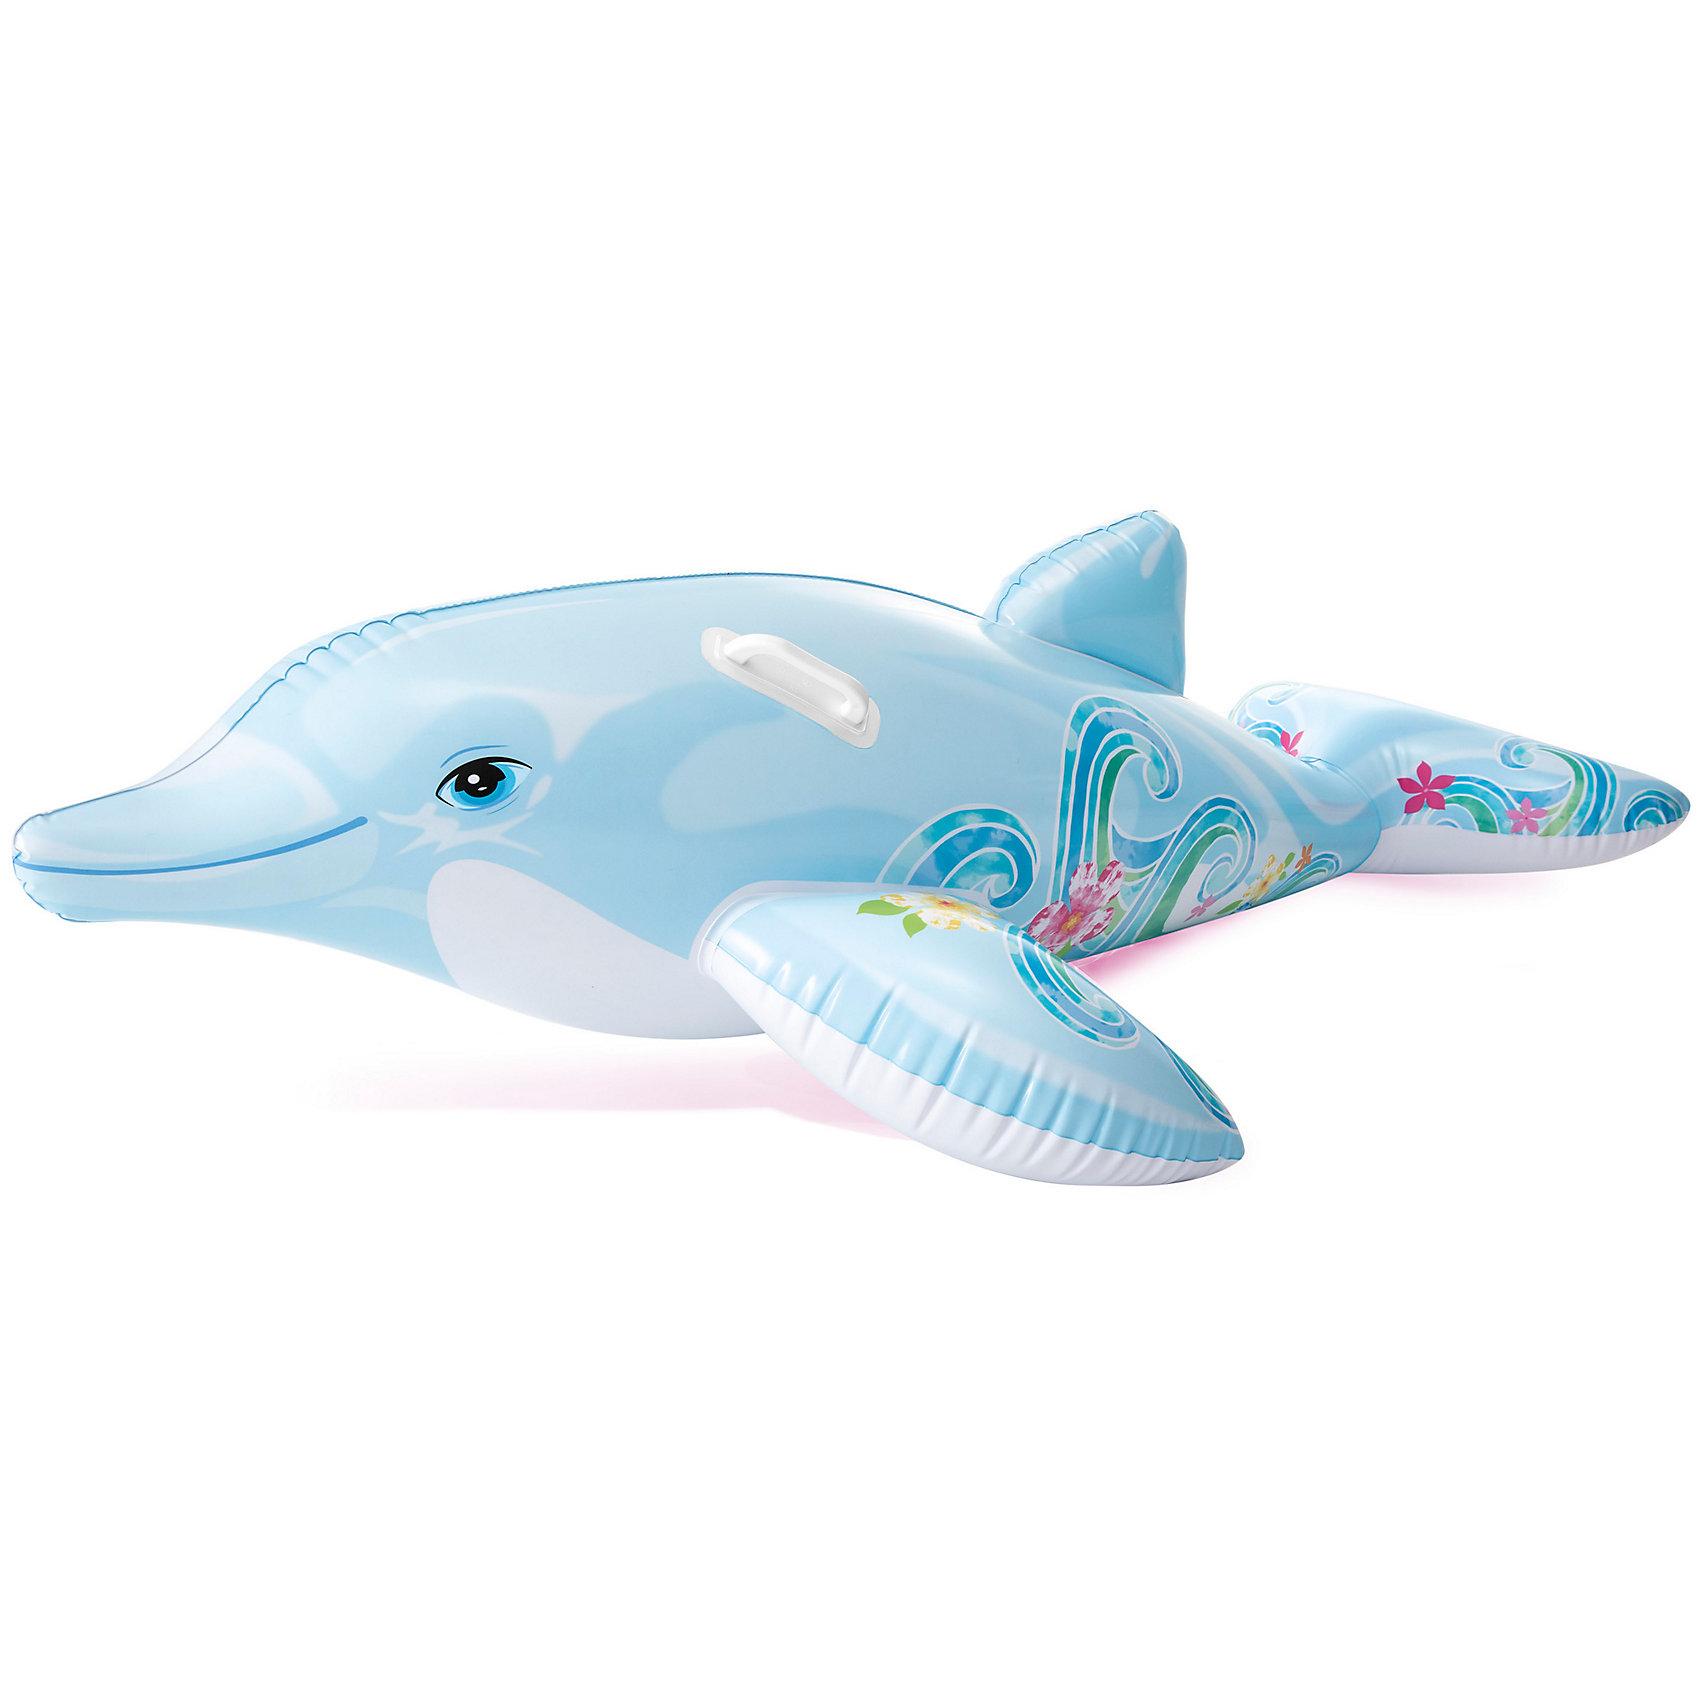 Дельфин надувной 175*66см с двумя ручками, IntexНадувной матрас для детей и родителей выполнен в форме дельфина. С ним так легко и не страшно плавать! Надувной матрас сделан из плотного высококачественного ПВХ.<br>Размер: 175 х 66 см.<br>Две ручки по бокам.<br><br>Ширина мм: 277<br>Глубина мм: 200<br>Высота мм: 35<br>Вес г: 139<br>Возраст от месяцев: 36<br>Возраст до месяцев: 1164<br>Пол: Унисекс<br>Возраст: Детский<br>SKU: 1925243